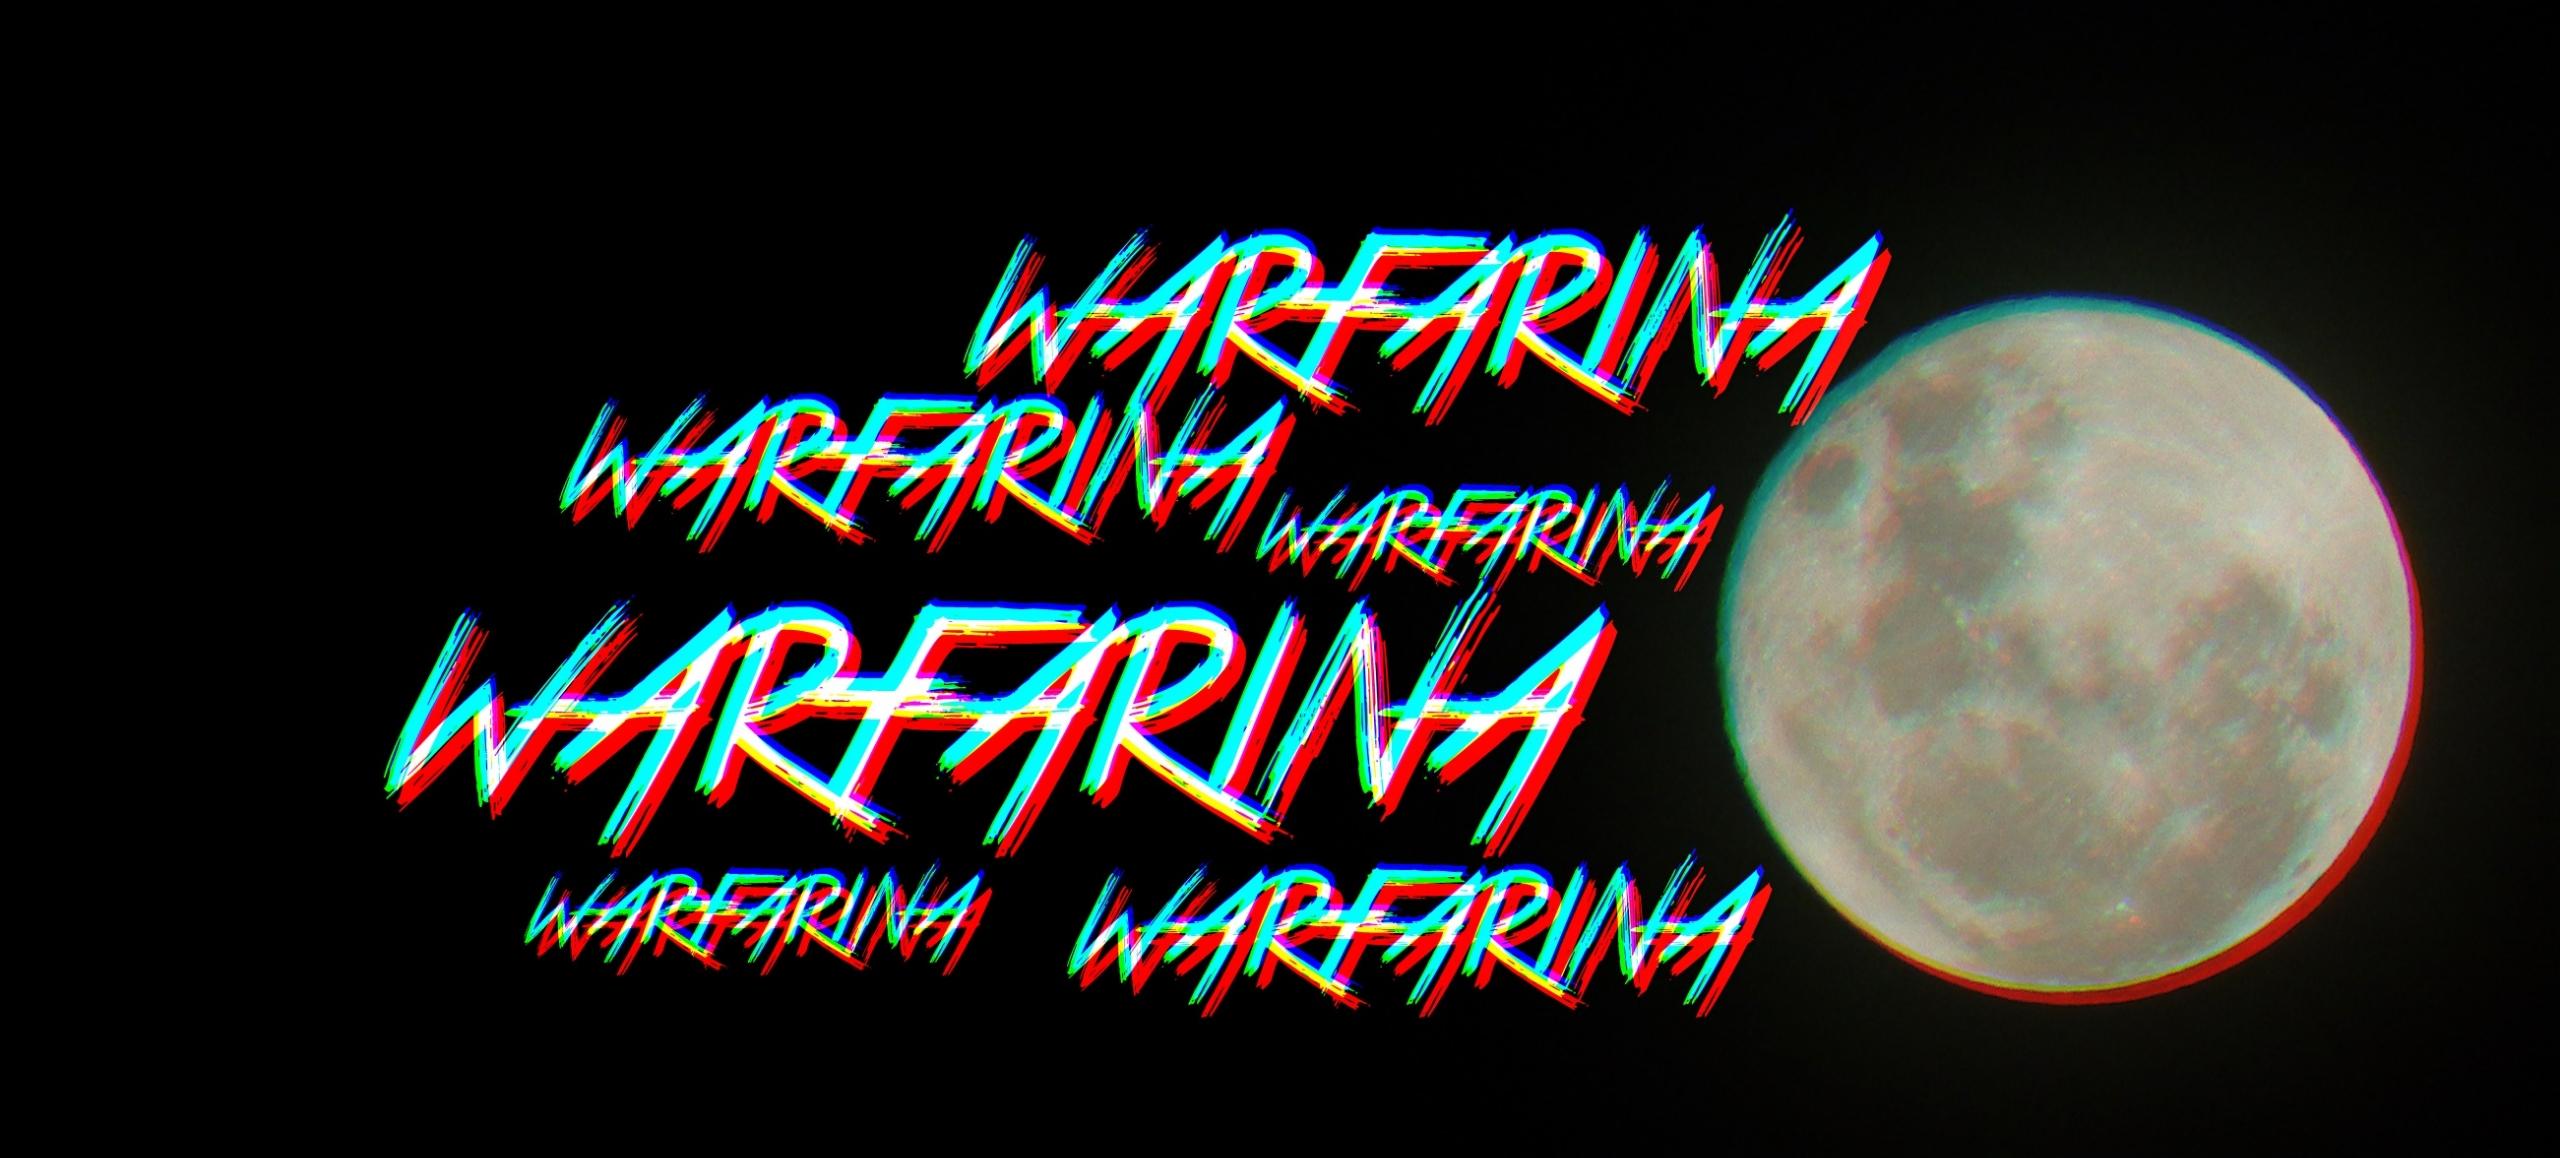 Warfarina (@warfarina) Cover Image